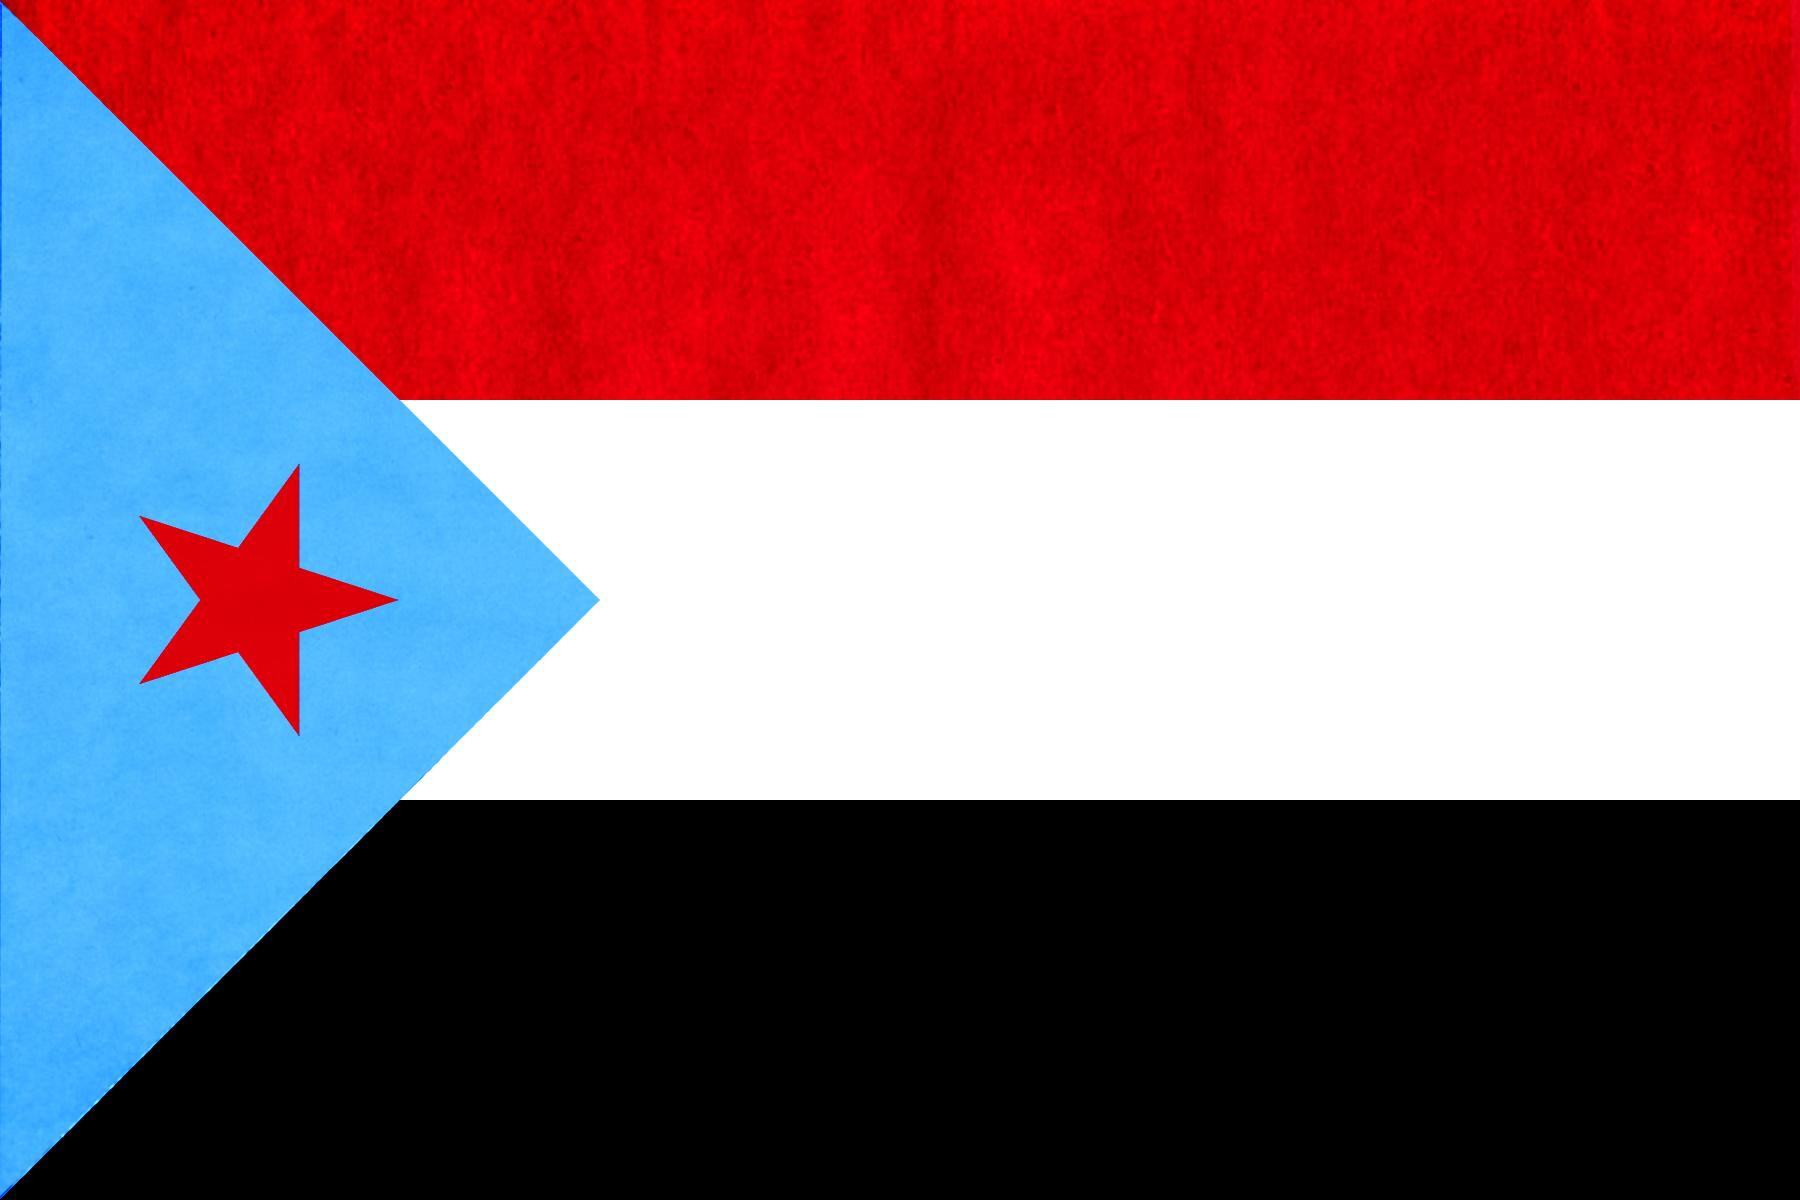 South Yemen Grunge Flag by DeathToImperialism on DeviantArt